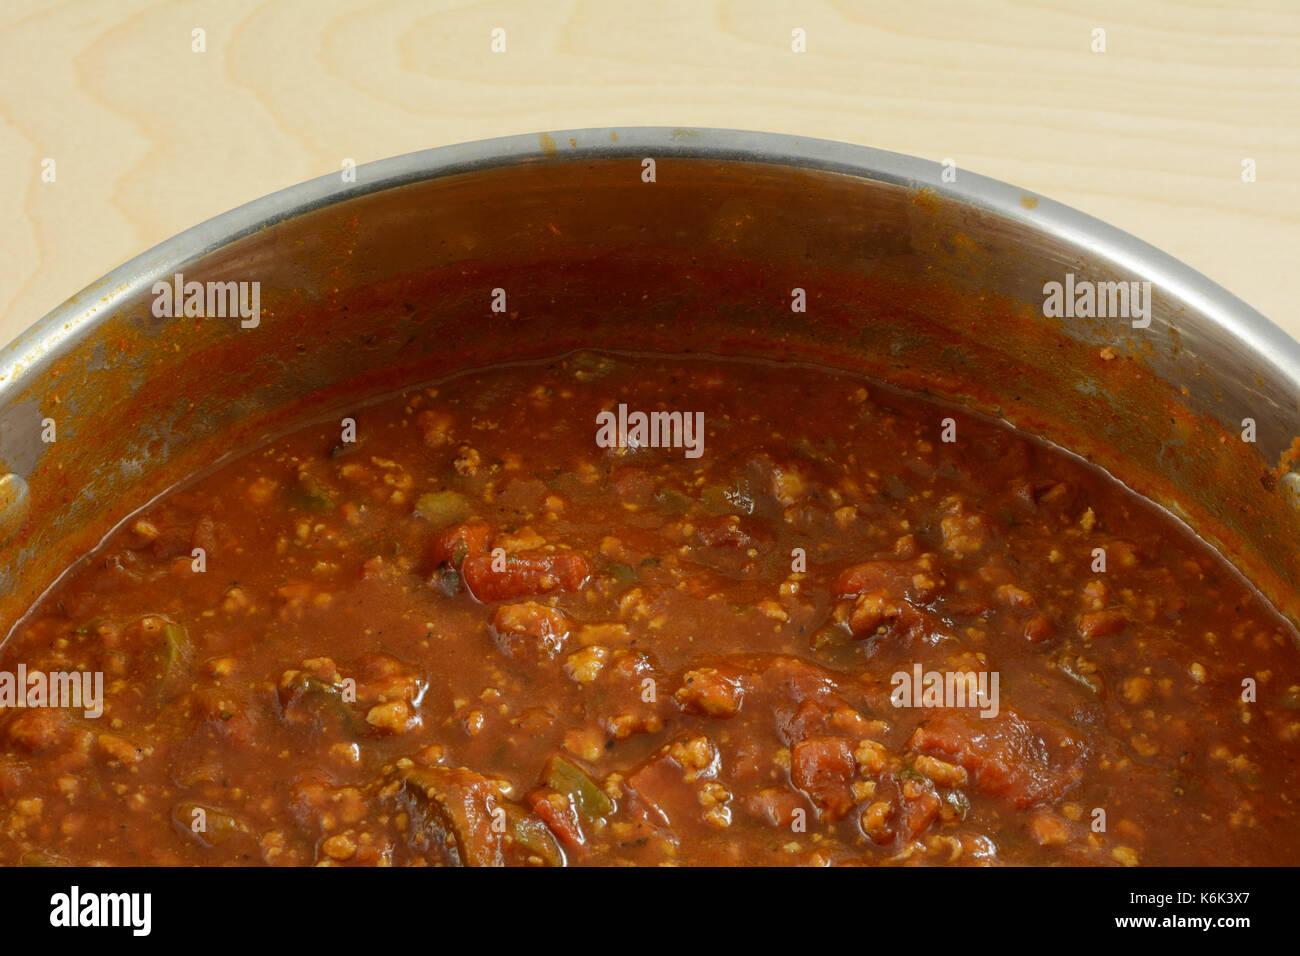 Sauce à spaghetti dans une grande casserole et faites avec de la viande de dinde au sol pour abaisser le cholestérol Photo Stock